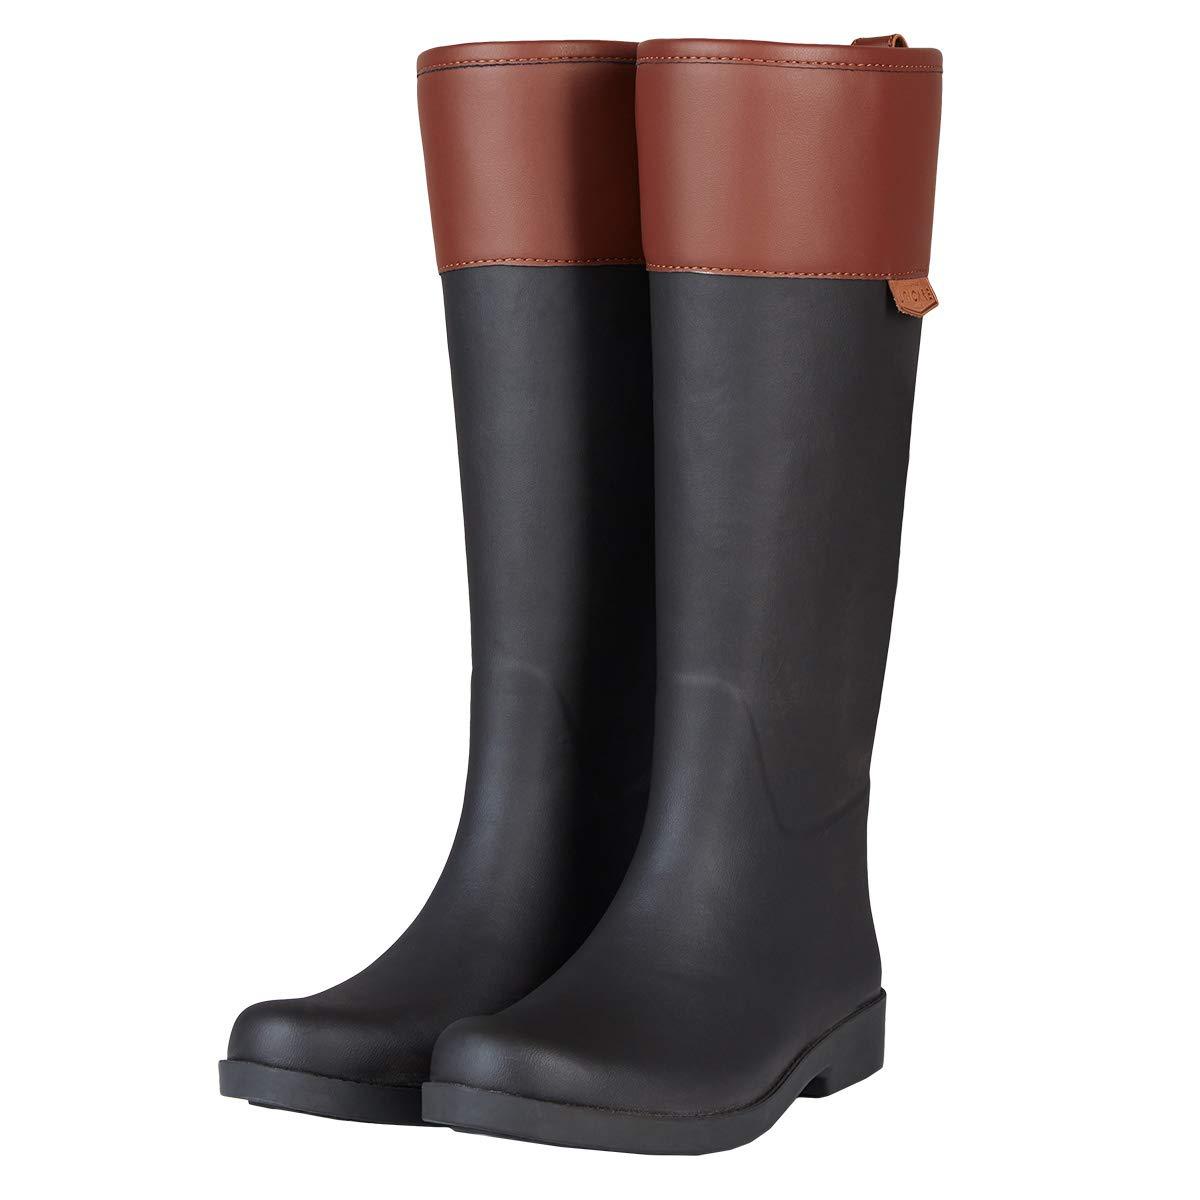 [UNICARE] レディース US 7.5 / EU 38 / UK 5.5 Black+brown B07JW97R1B